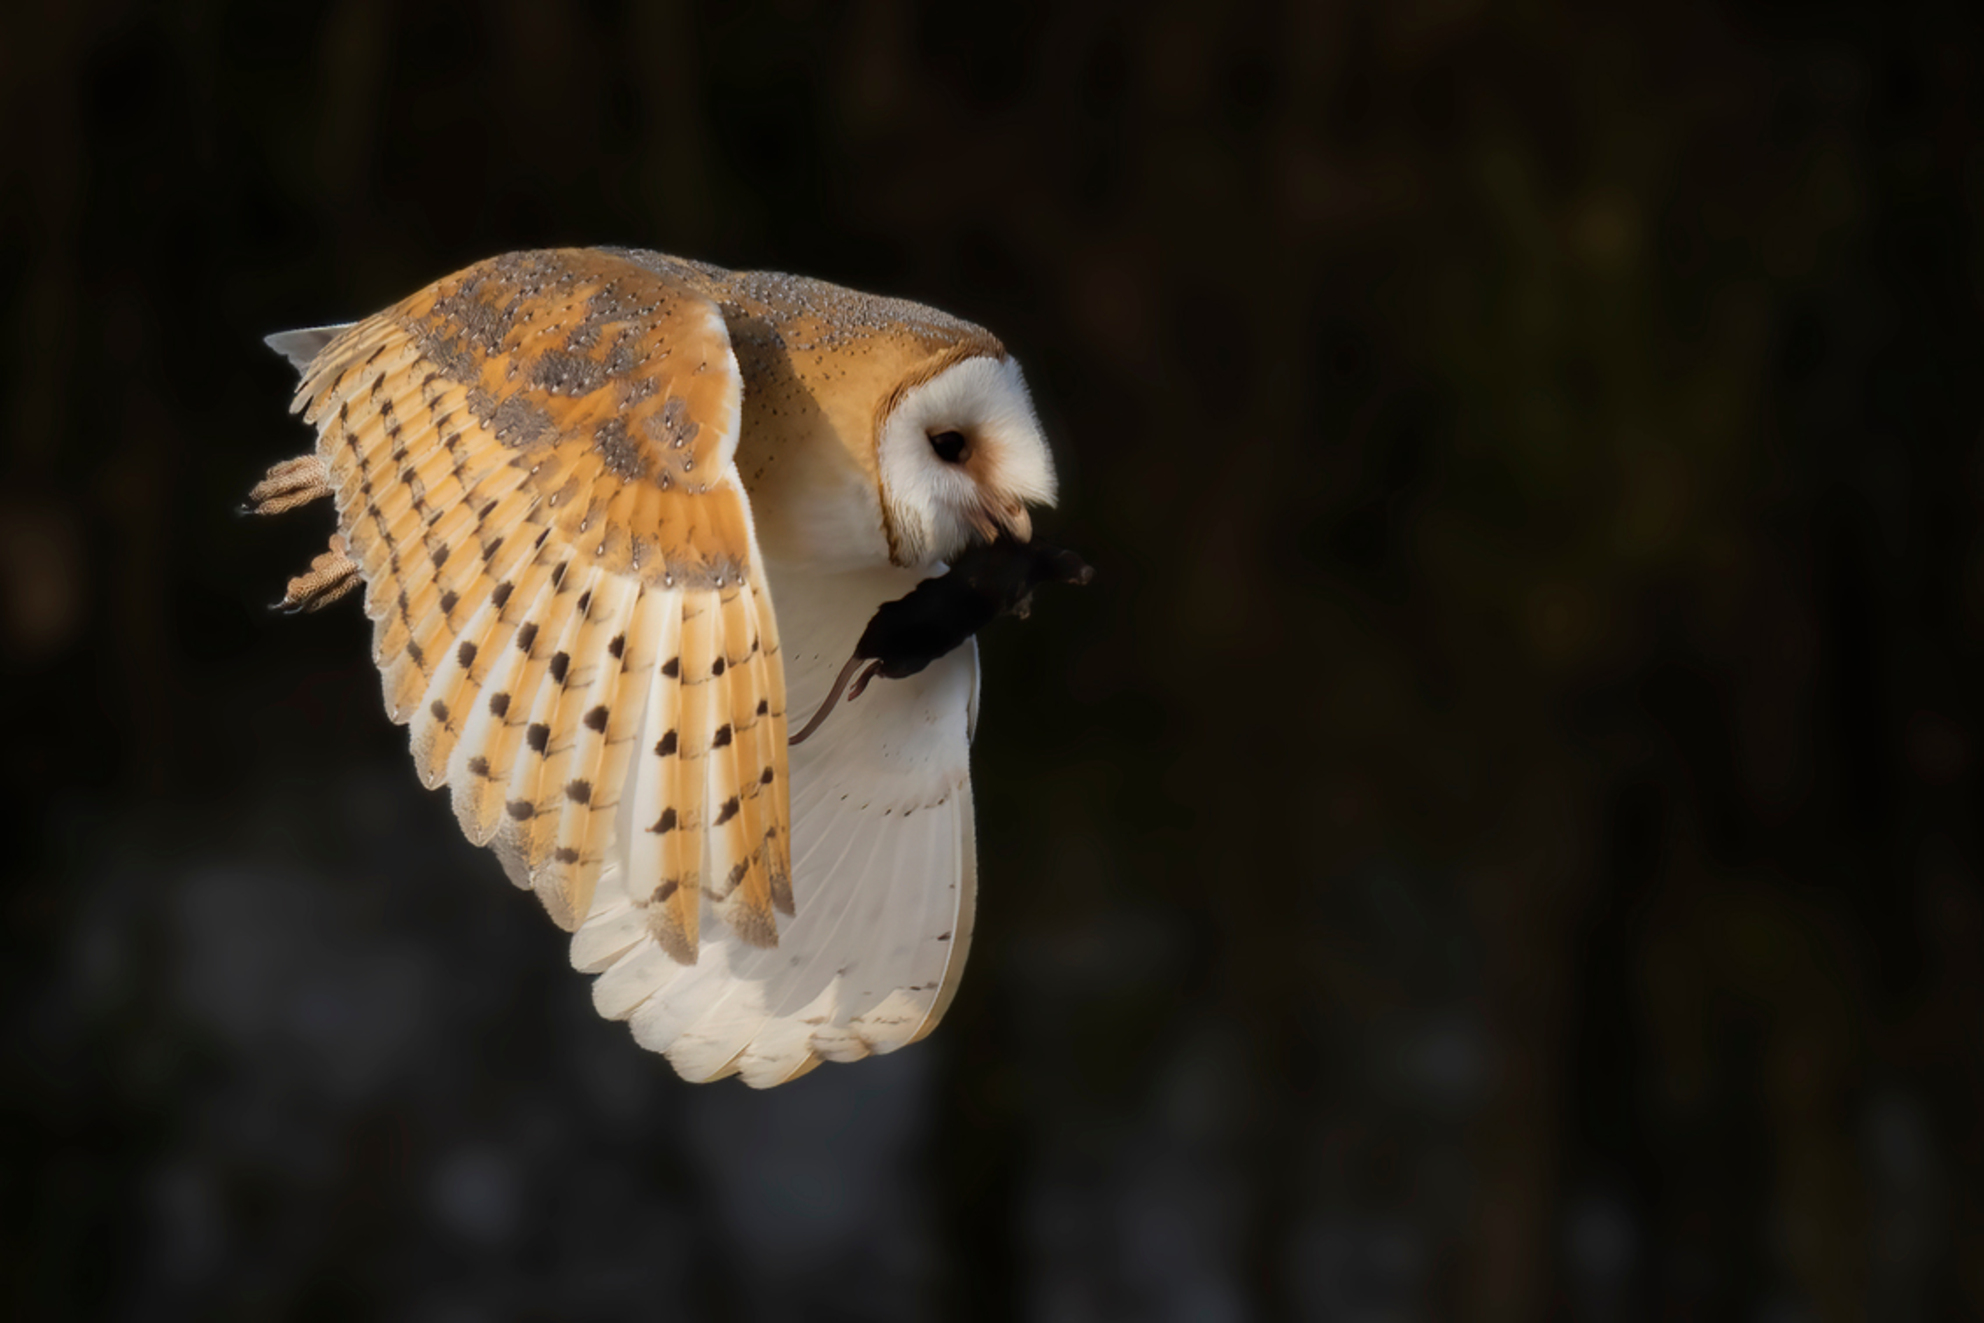 Kerkuil met prooi - Kerkuil vliegt snel met zijn prooi naar een veilig plekje. - foto door helga.teunissen op 07-03-2021 - deze foto bevat: uil, natuur, dieren, vogel - Deze foto mag gebruikt worden in een Zoom.nl publicatie